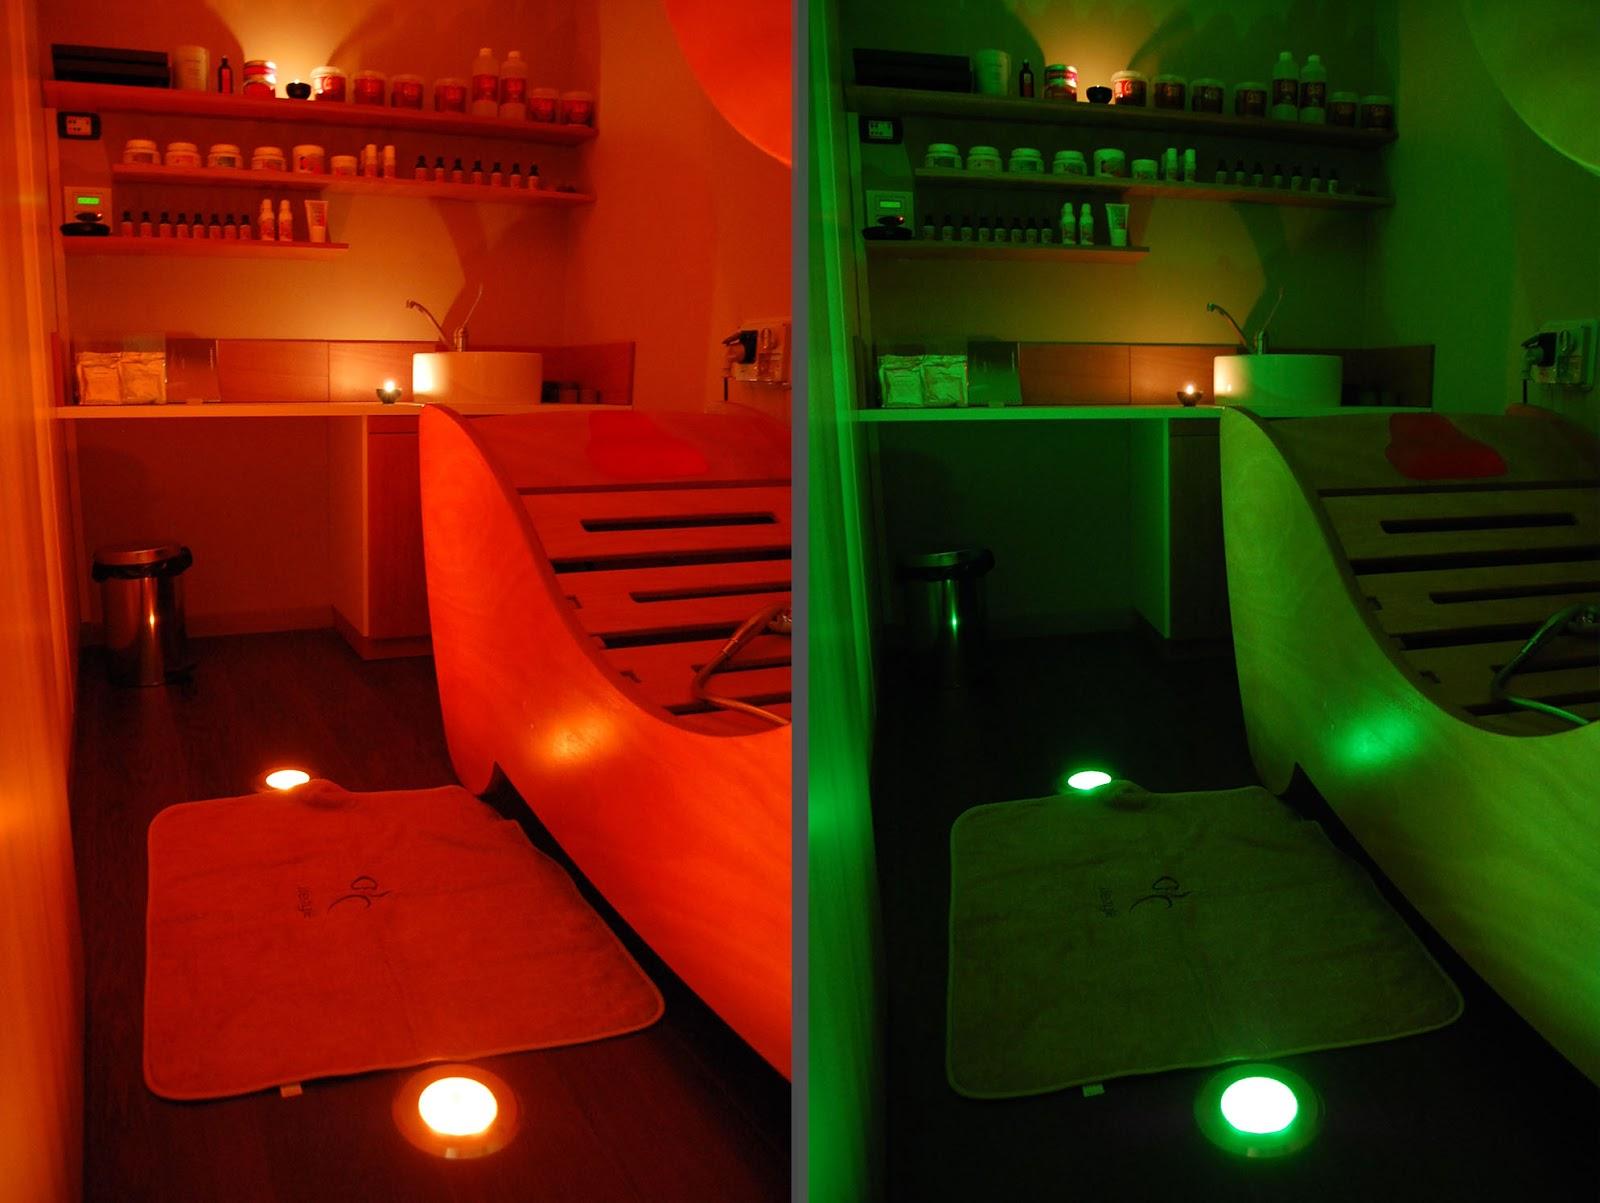 Luci led per interni casa led per interni illuminare un di casa con led with luci led per - Luci a led per interni casa ...